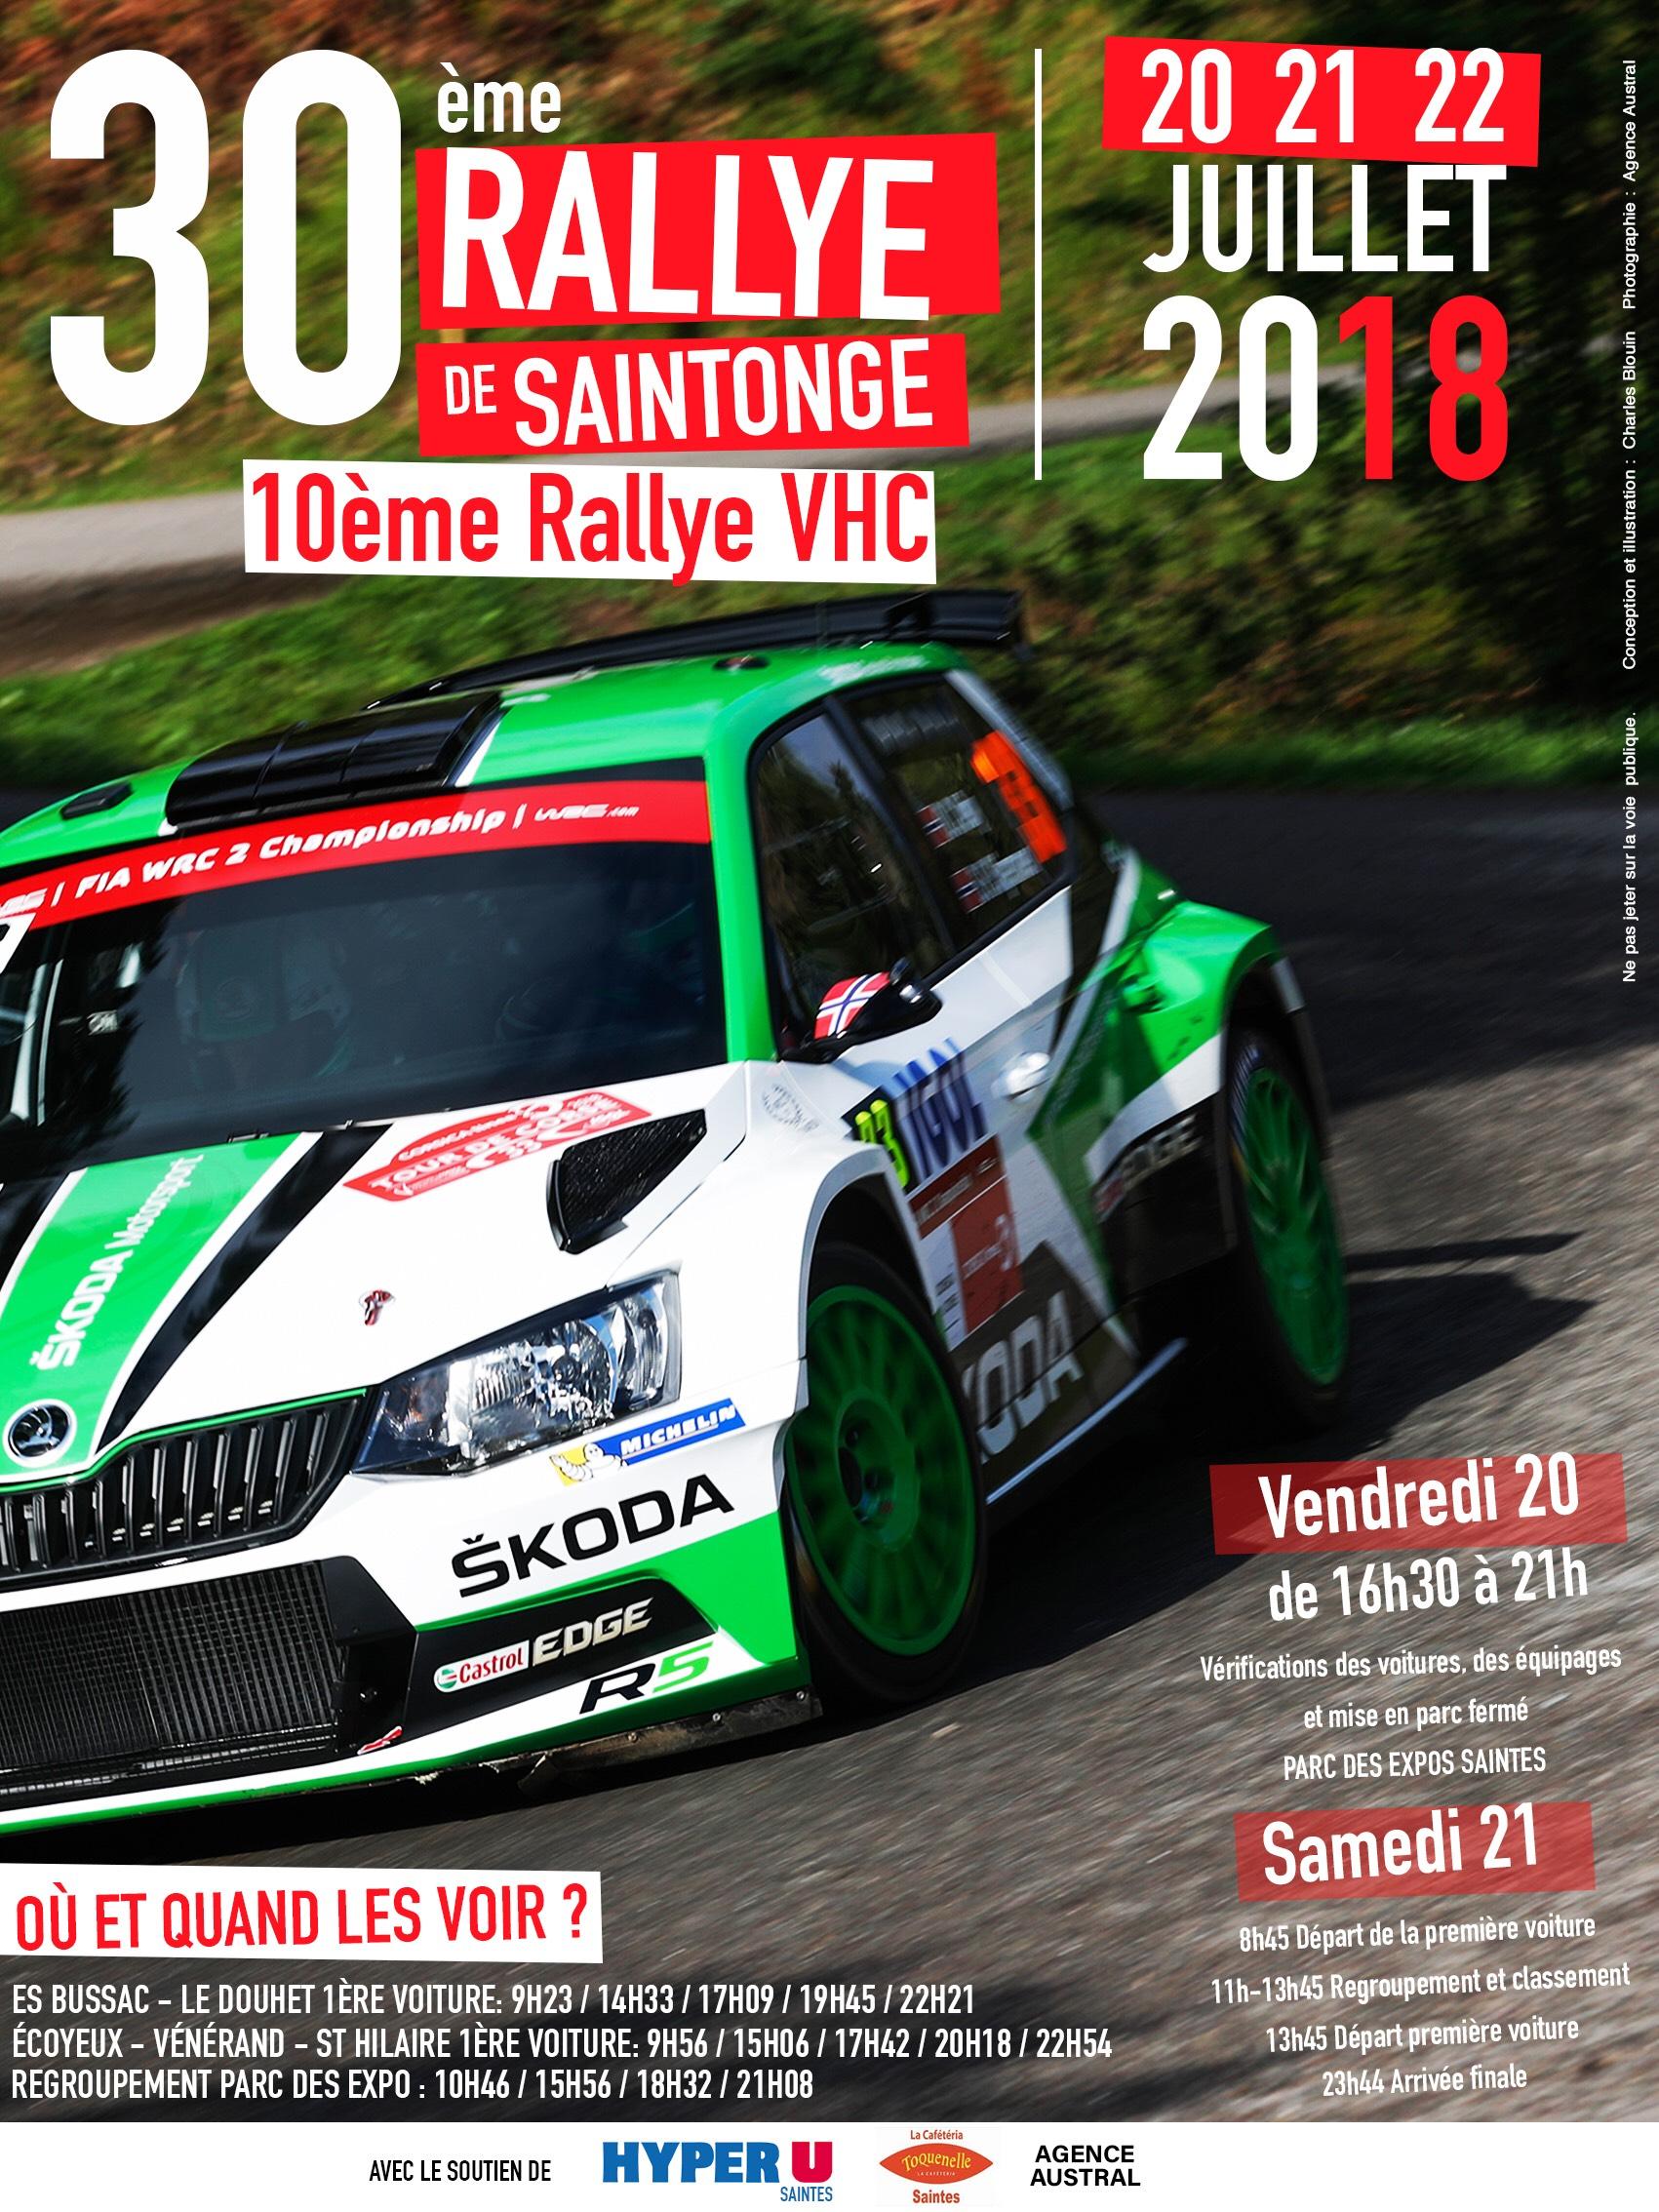 Rallye juillet 2018